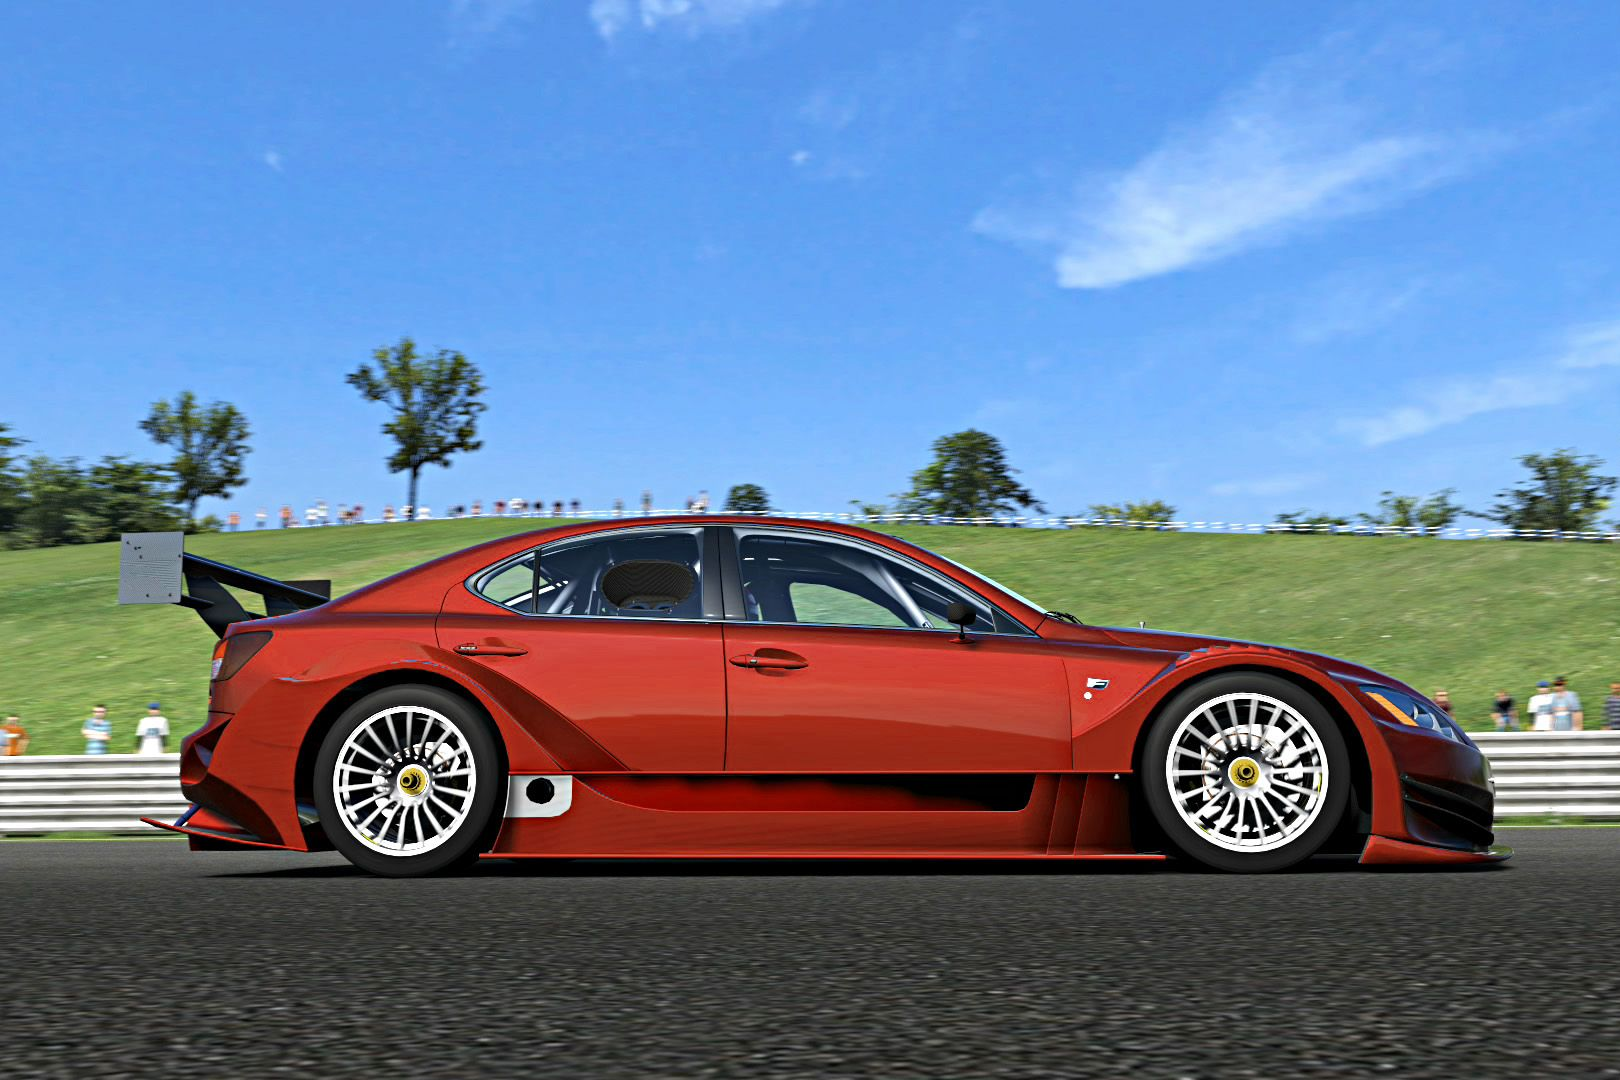 Gt5 Lexus Is F Racing Concept. Lexus IS F Racing Concept